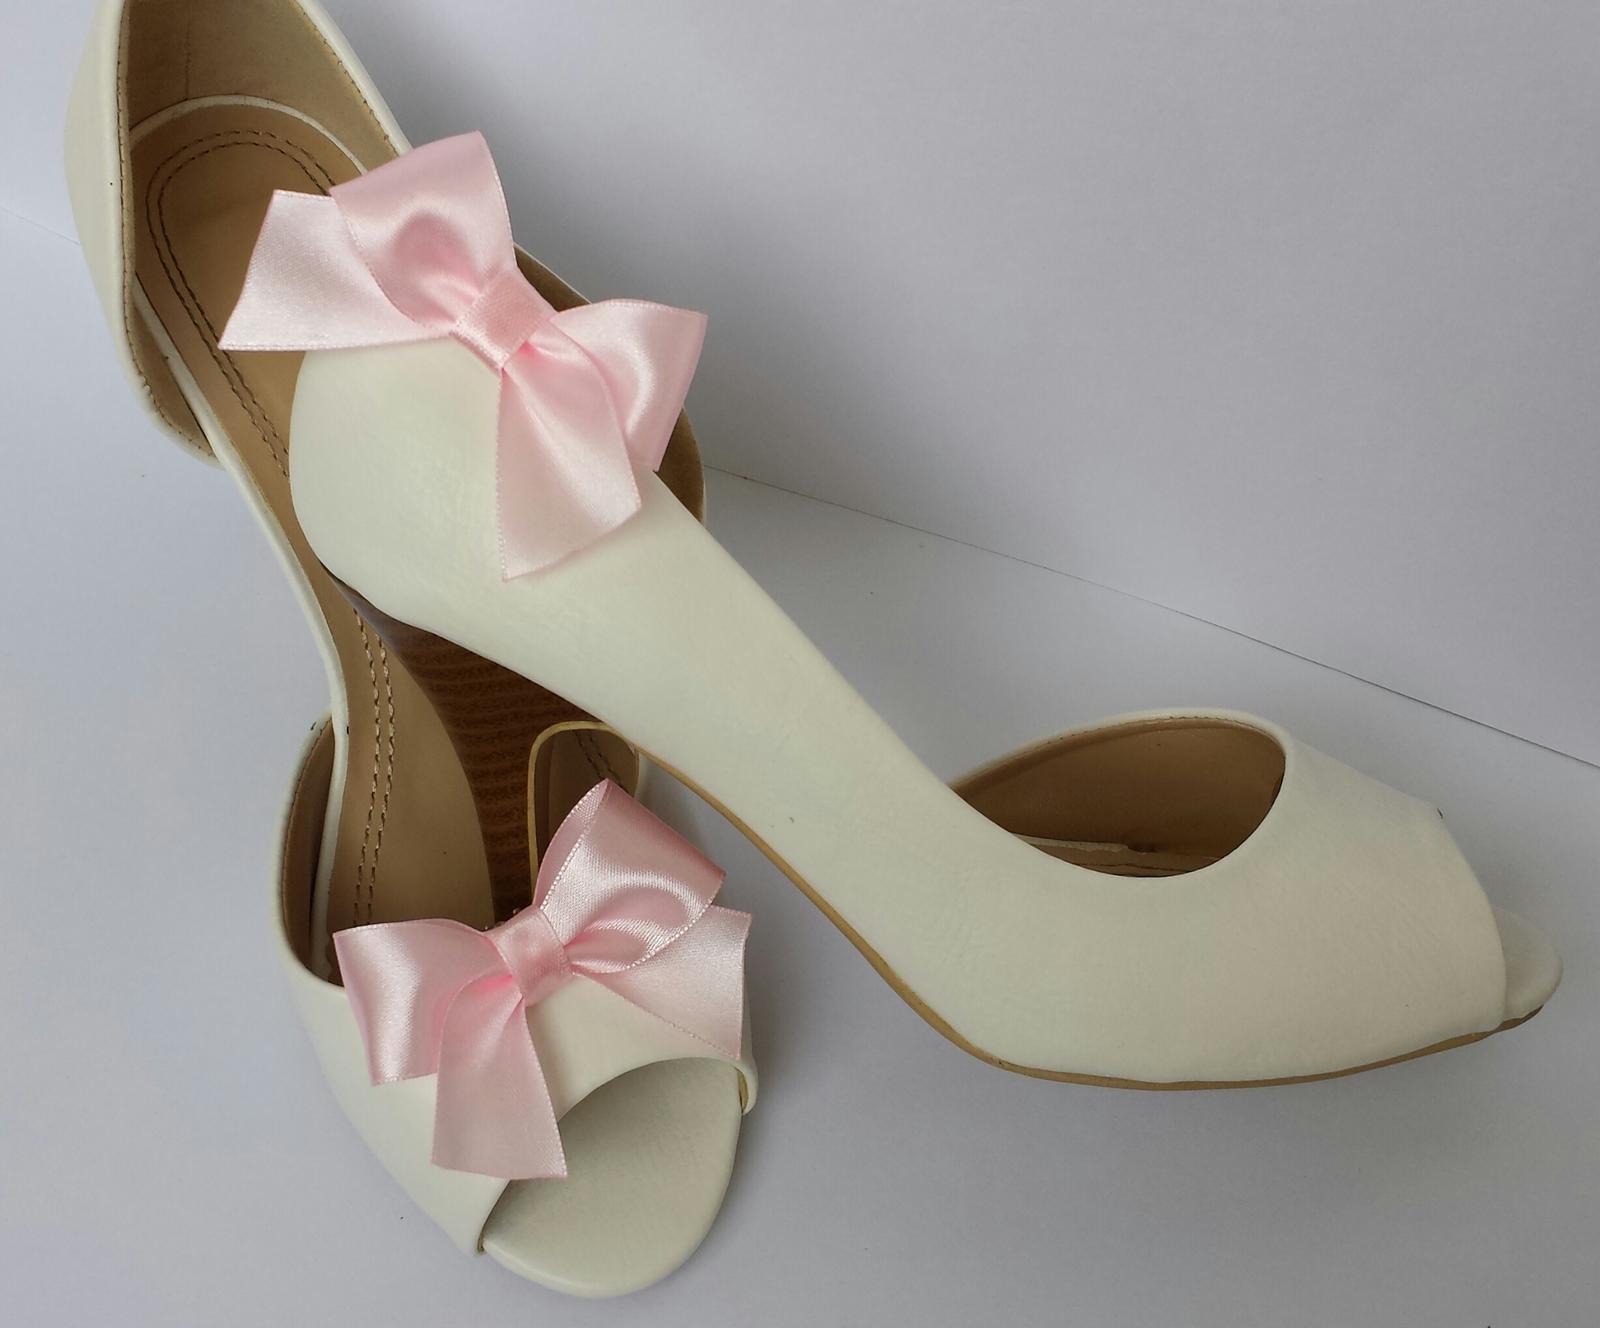 ba716f29f06 Klipy na boty pro nevěstu s růžovou mašličkou